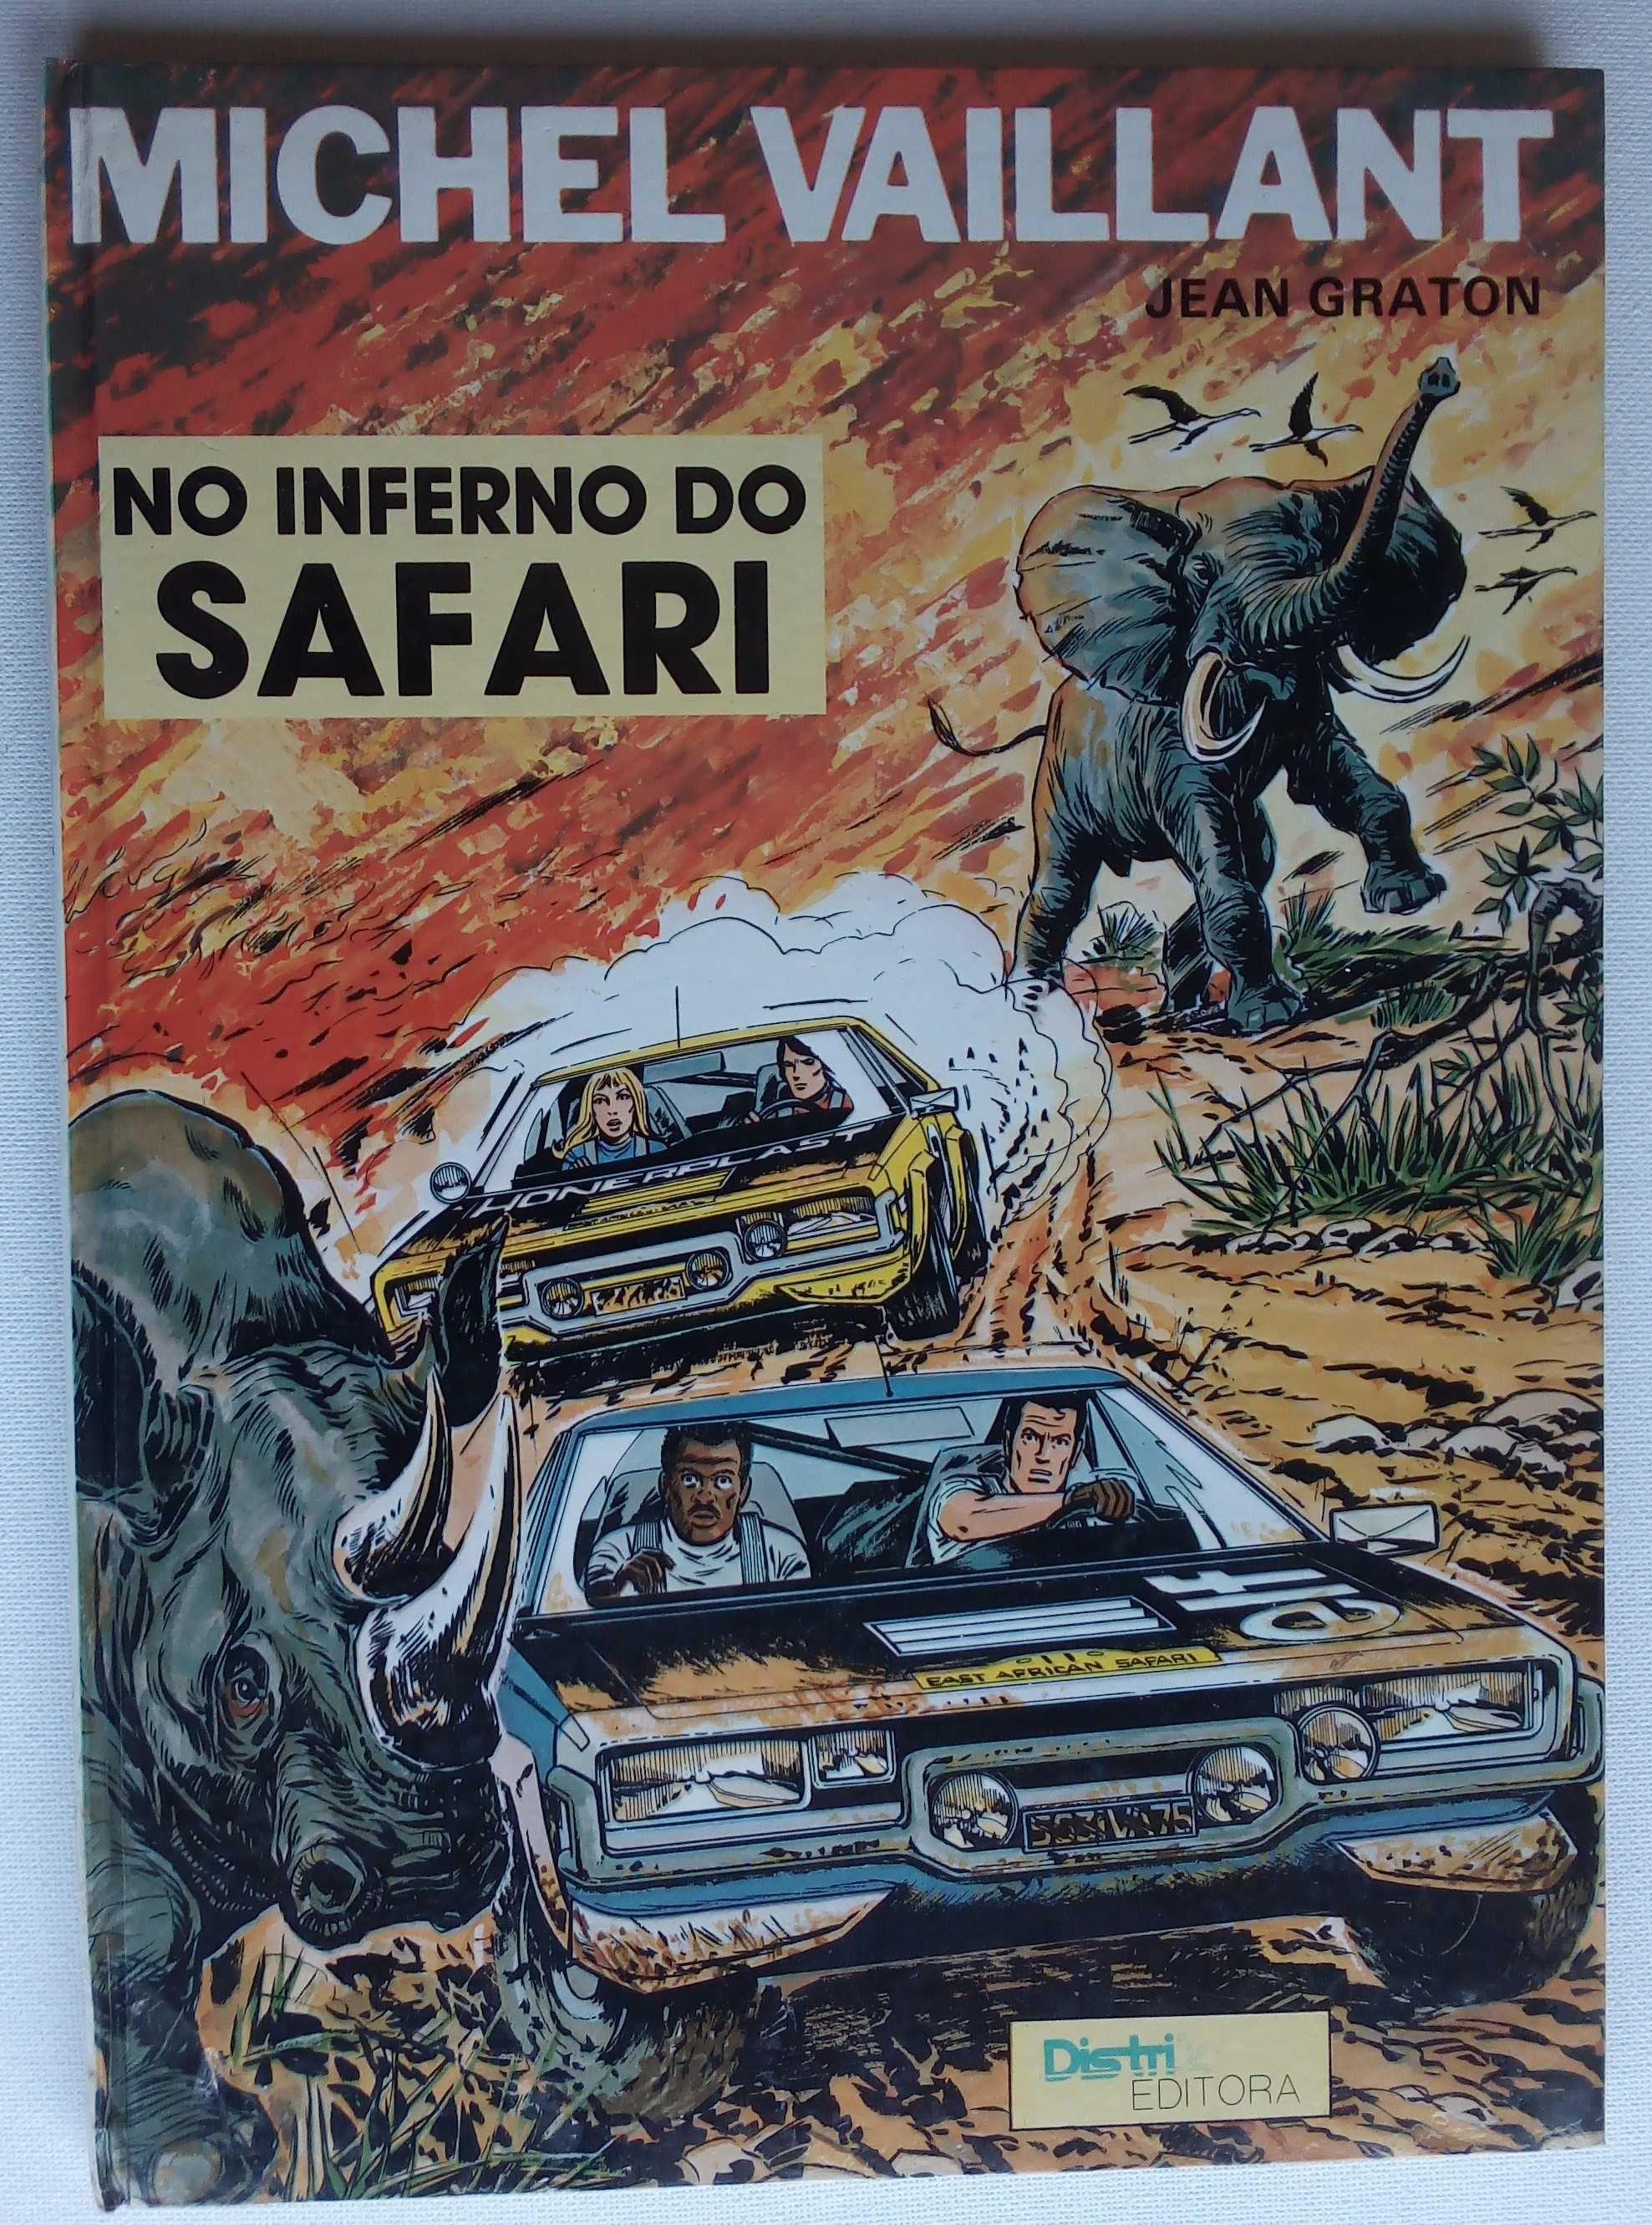 michel vaillant no inferno do safari / jean graton